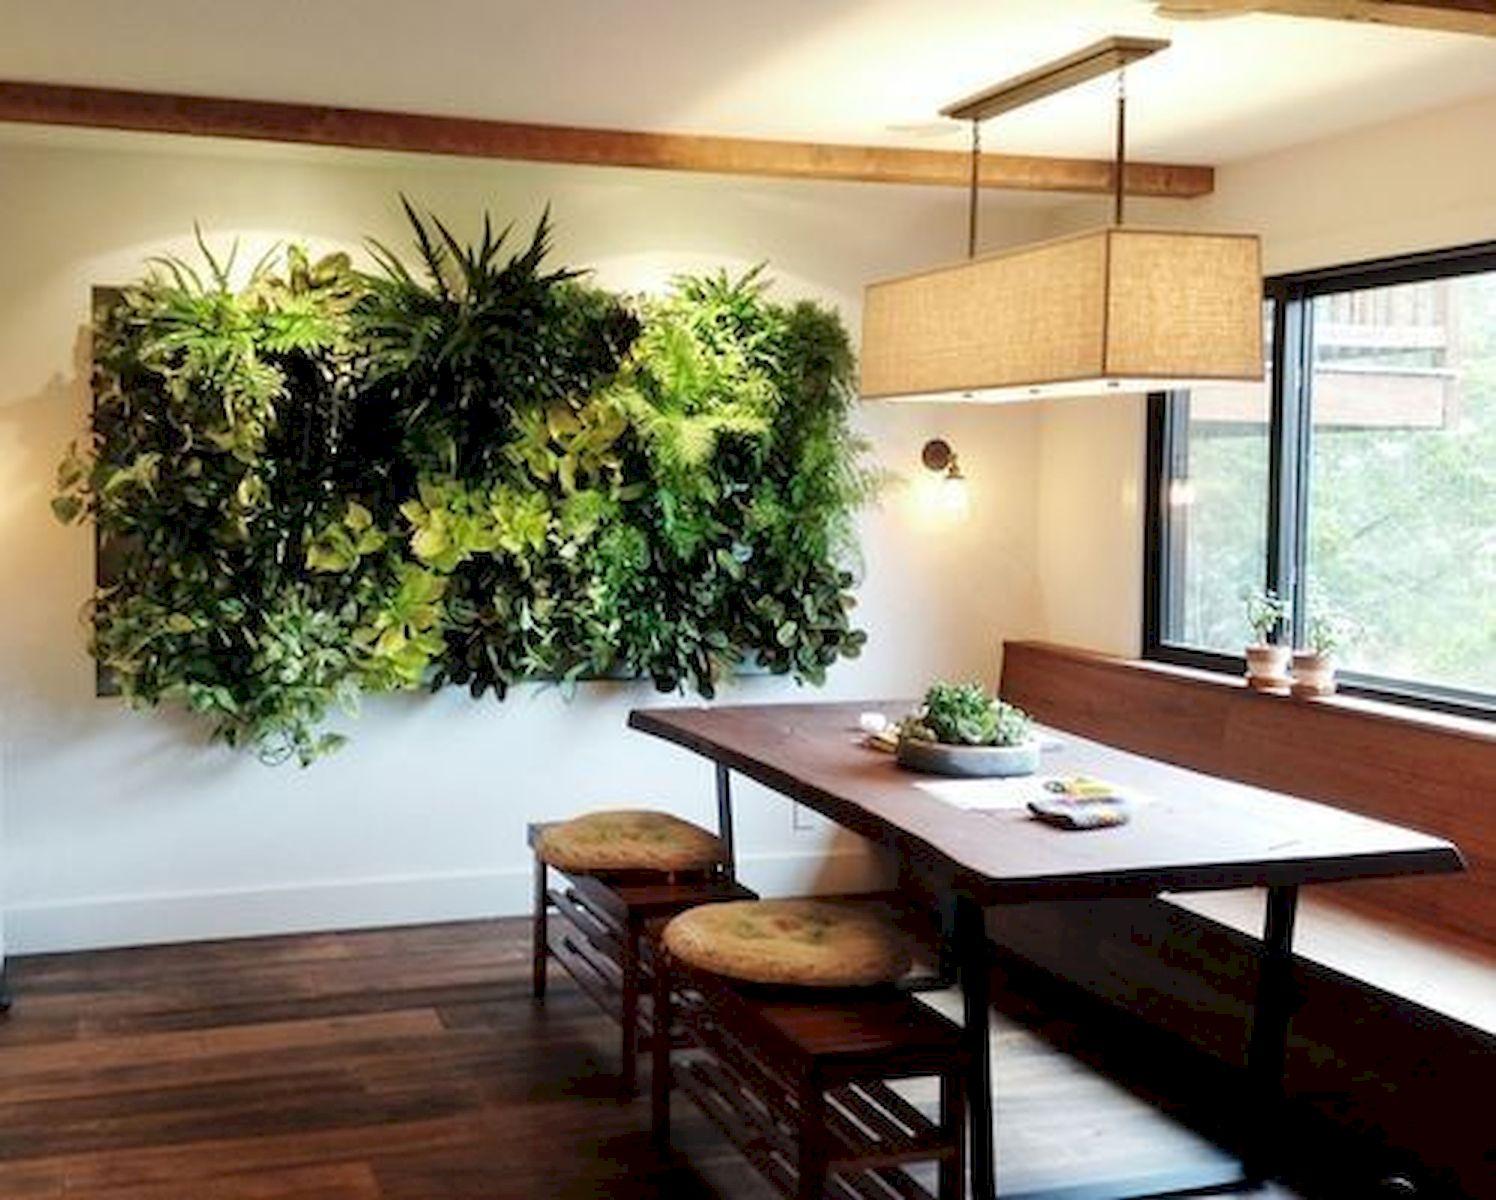 44 Creative DIY Vertical Garden Ideas To Make Your Home Beautiful (39)